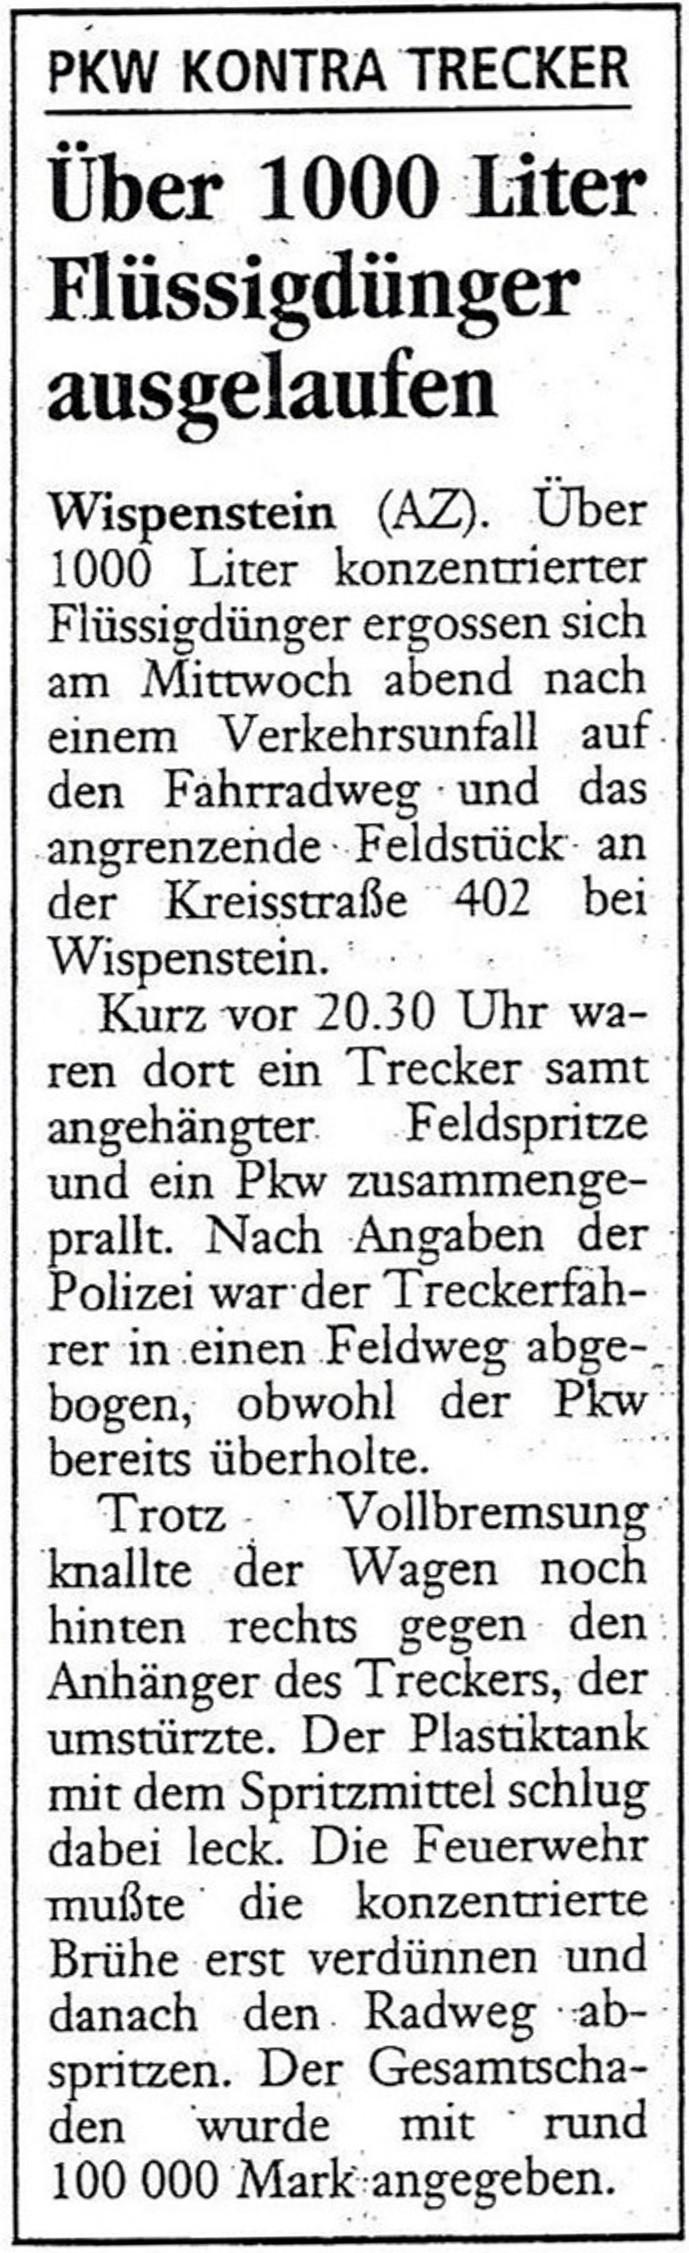 1999-06-11 Über 1000L Flüssigdünger ausgelaufen